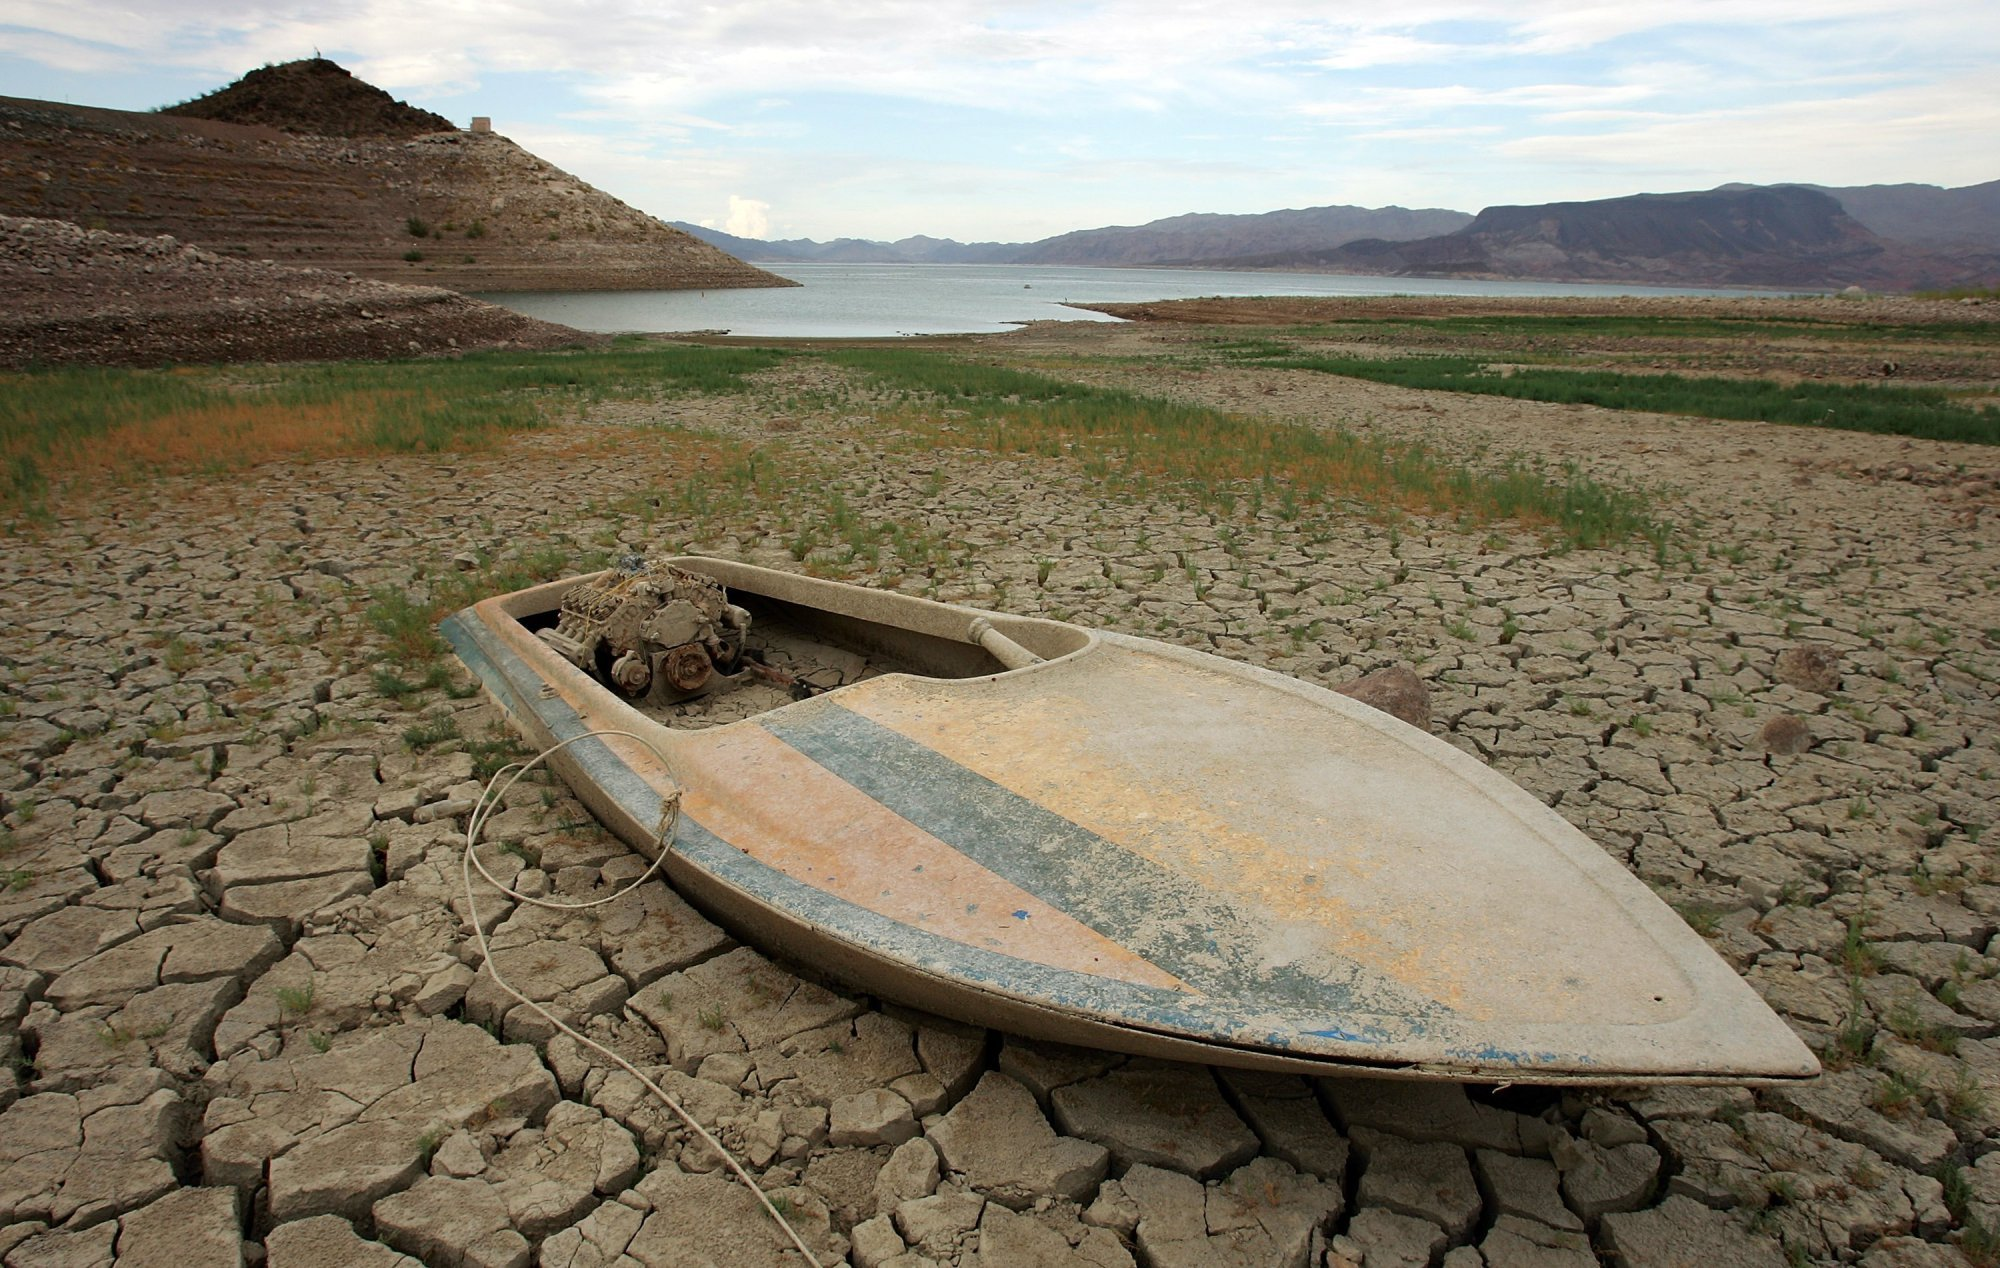 Fotos muestran como el cambio climático afecta el planeta